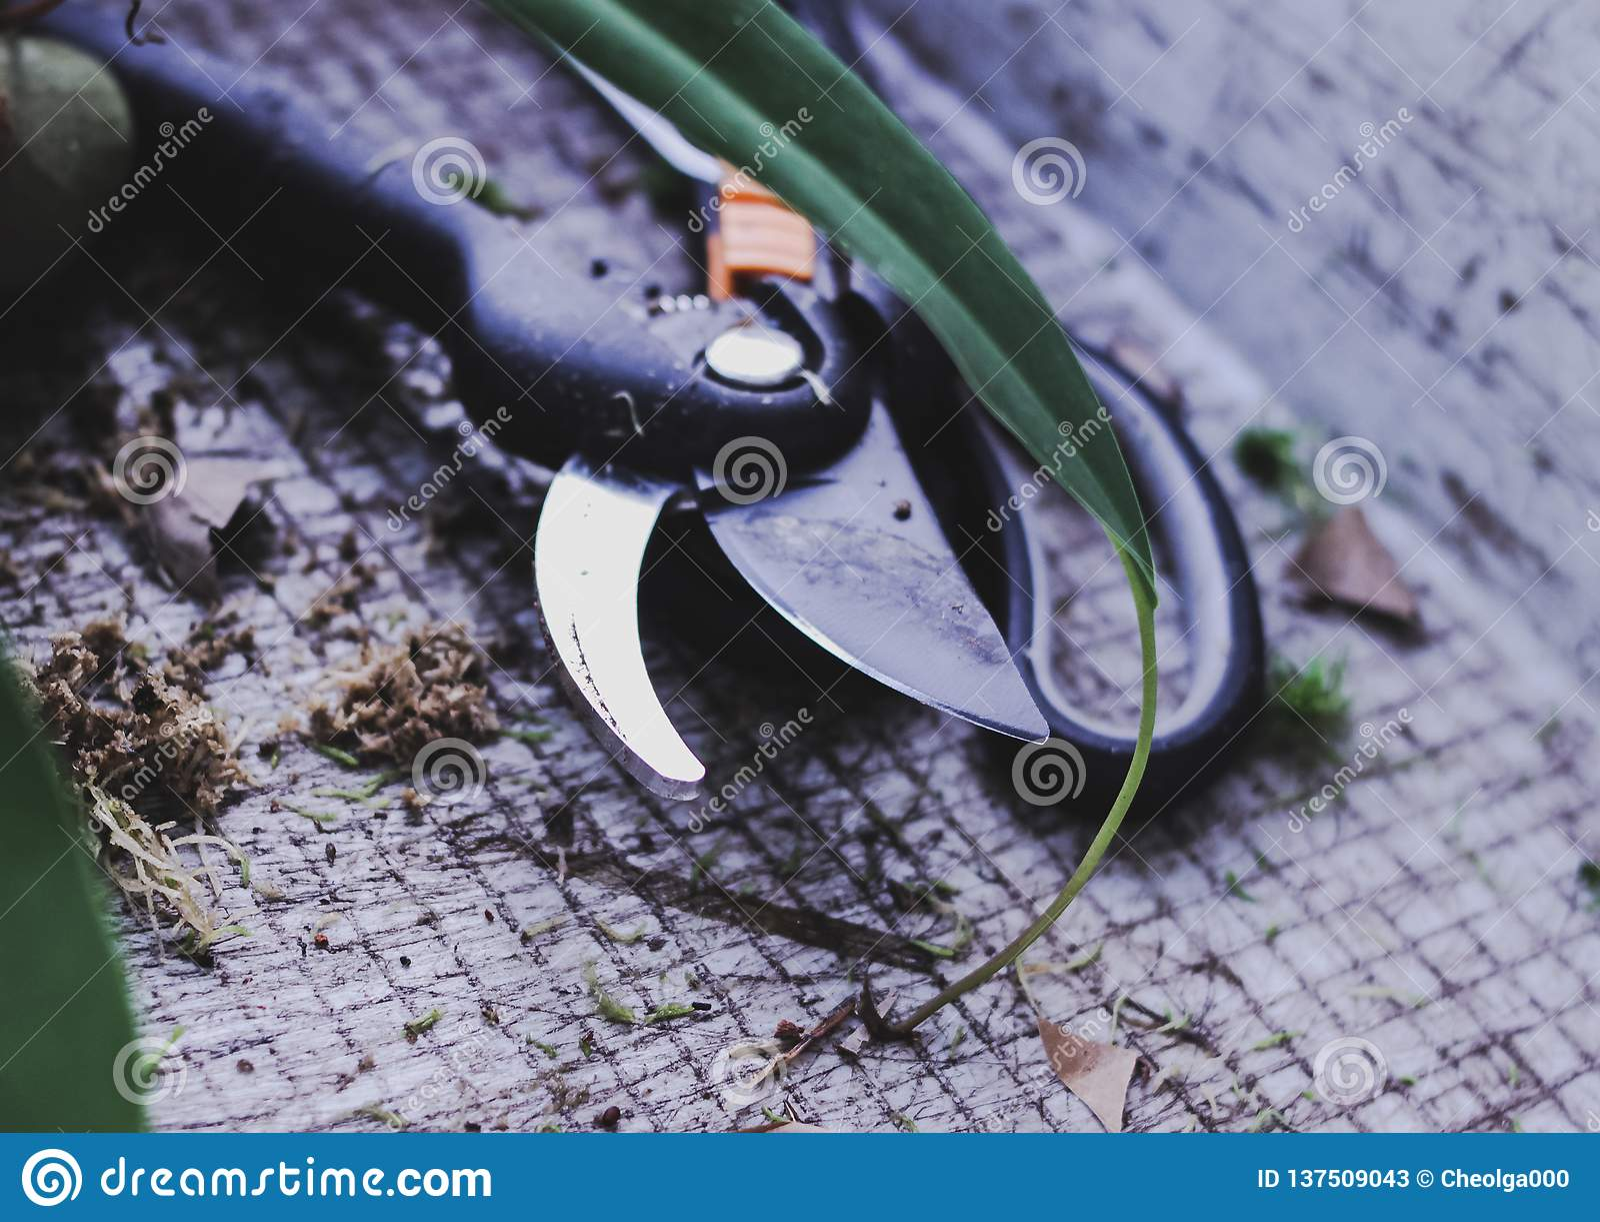 Arbeta i trädgården hjälpmedel skäraren, sax transplantera blommor i vår